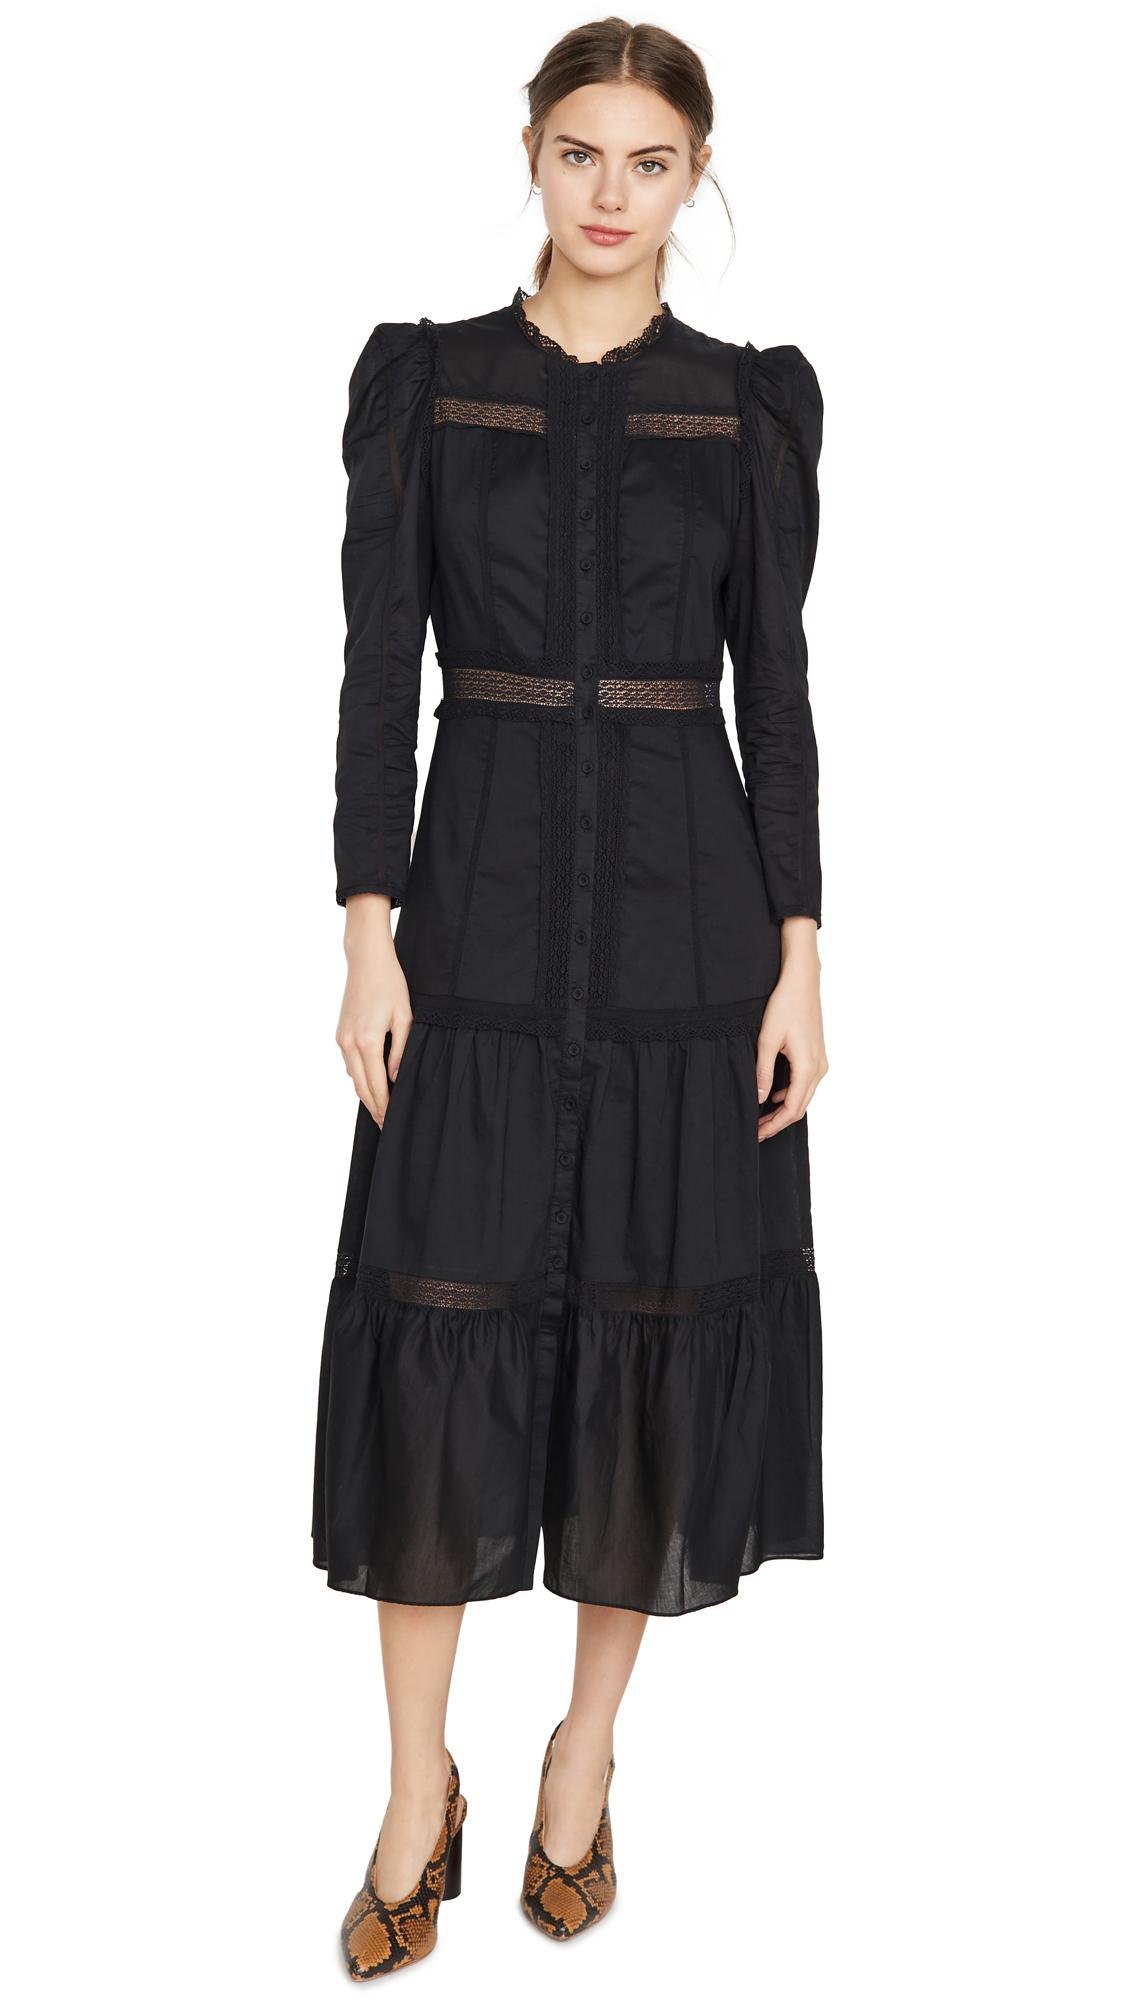 La Vie Rebecca Taylor Dresses LONG SLEEVE VOILE LACE DRESS